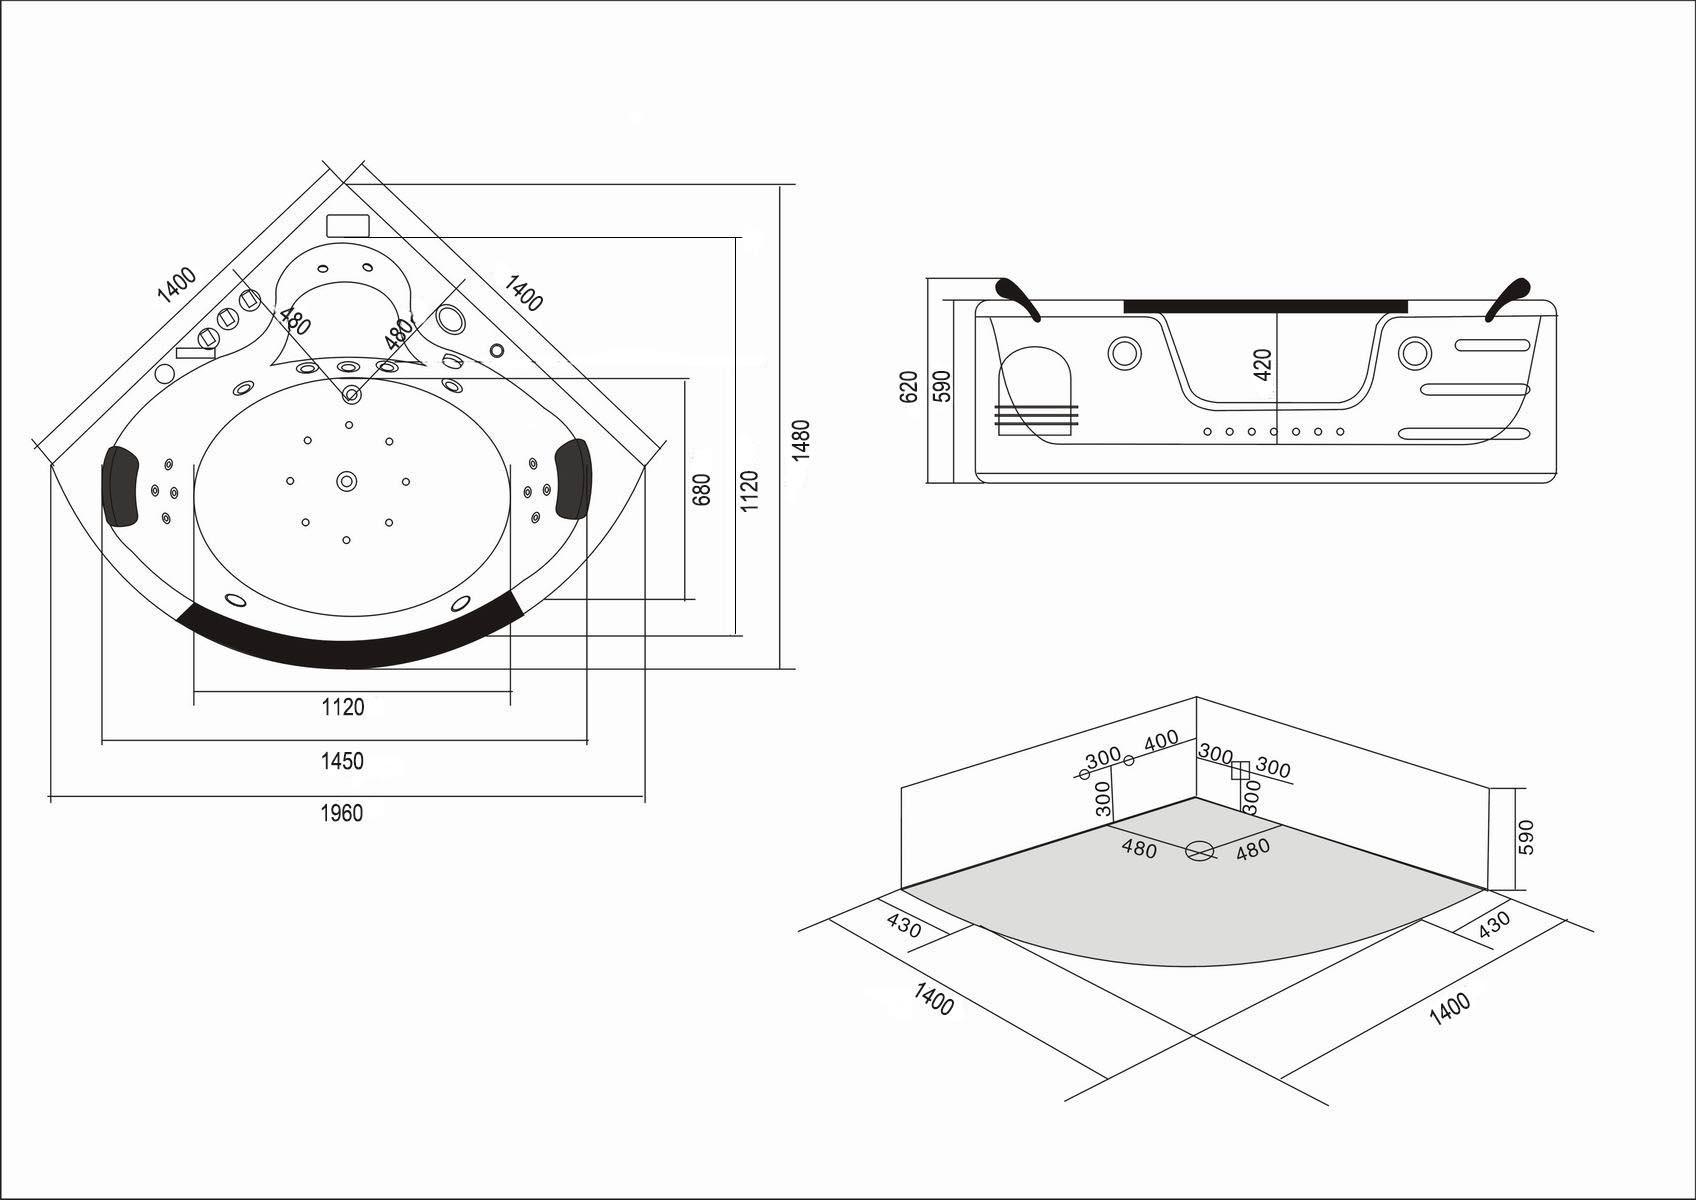 Vasche Idromassaggio Misure E Prezzi vasca idromassaggio angolare per 2 persone 140 x 140 cm - majestic